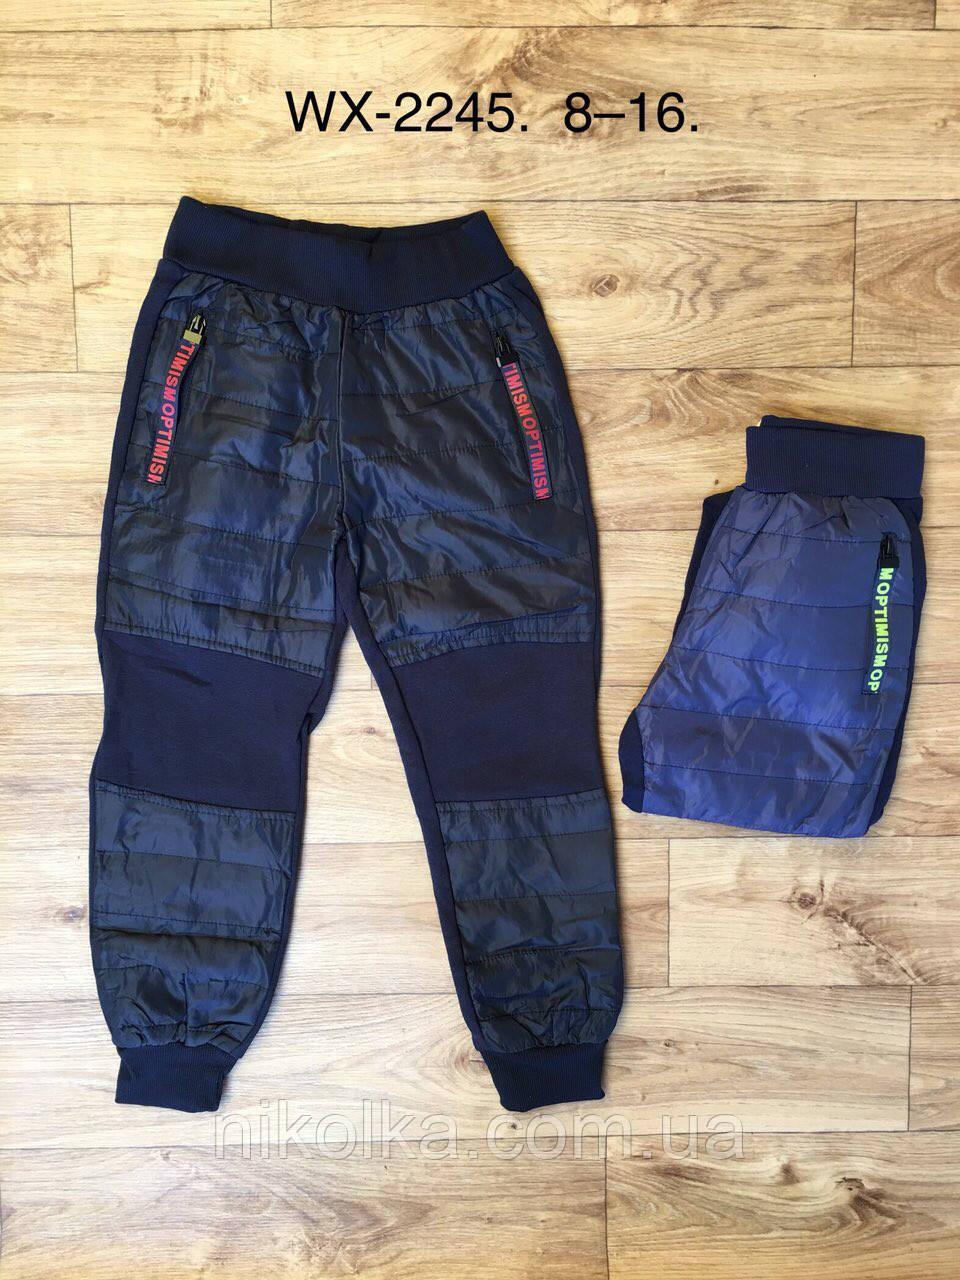 Спортивные брюки на меху для мальчиков оптом, F&D, 8-16 лет., арт. WX-2245